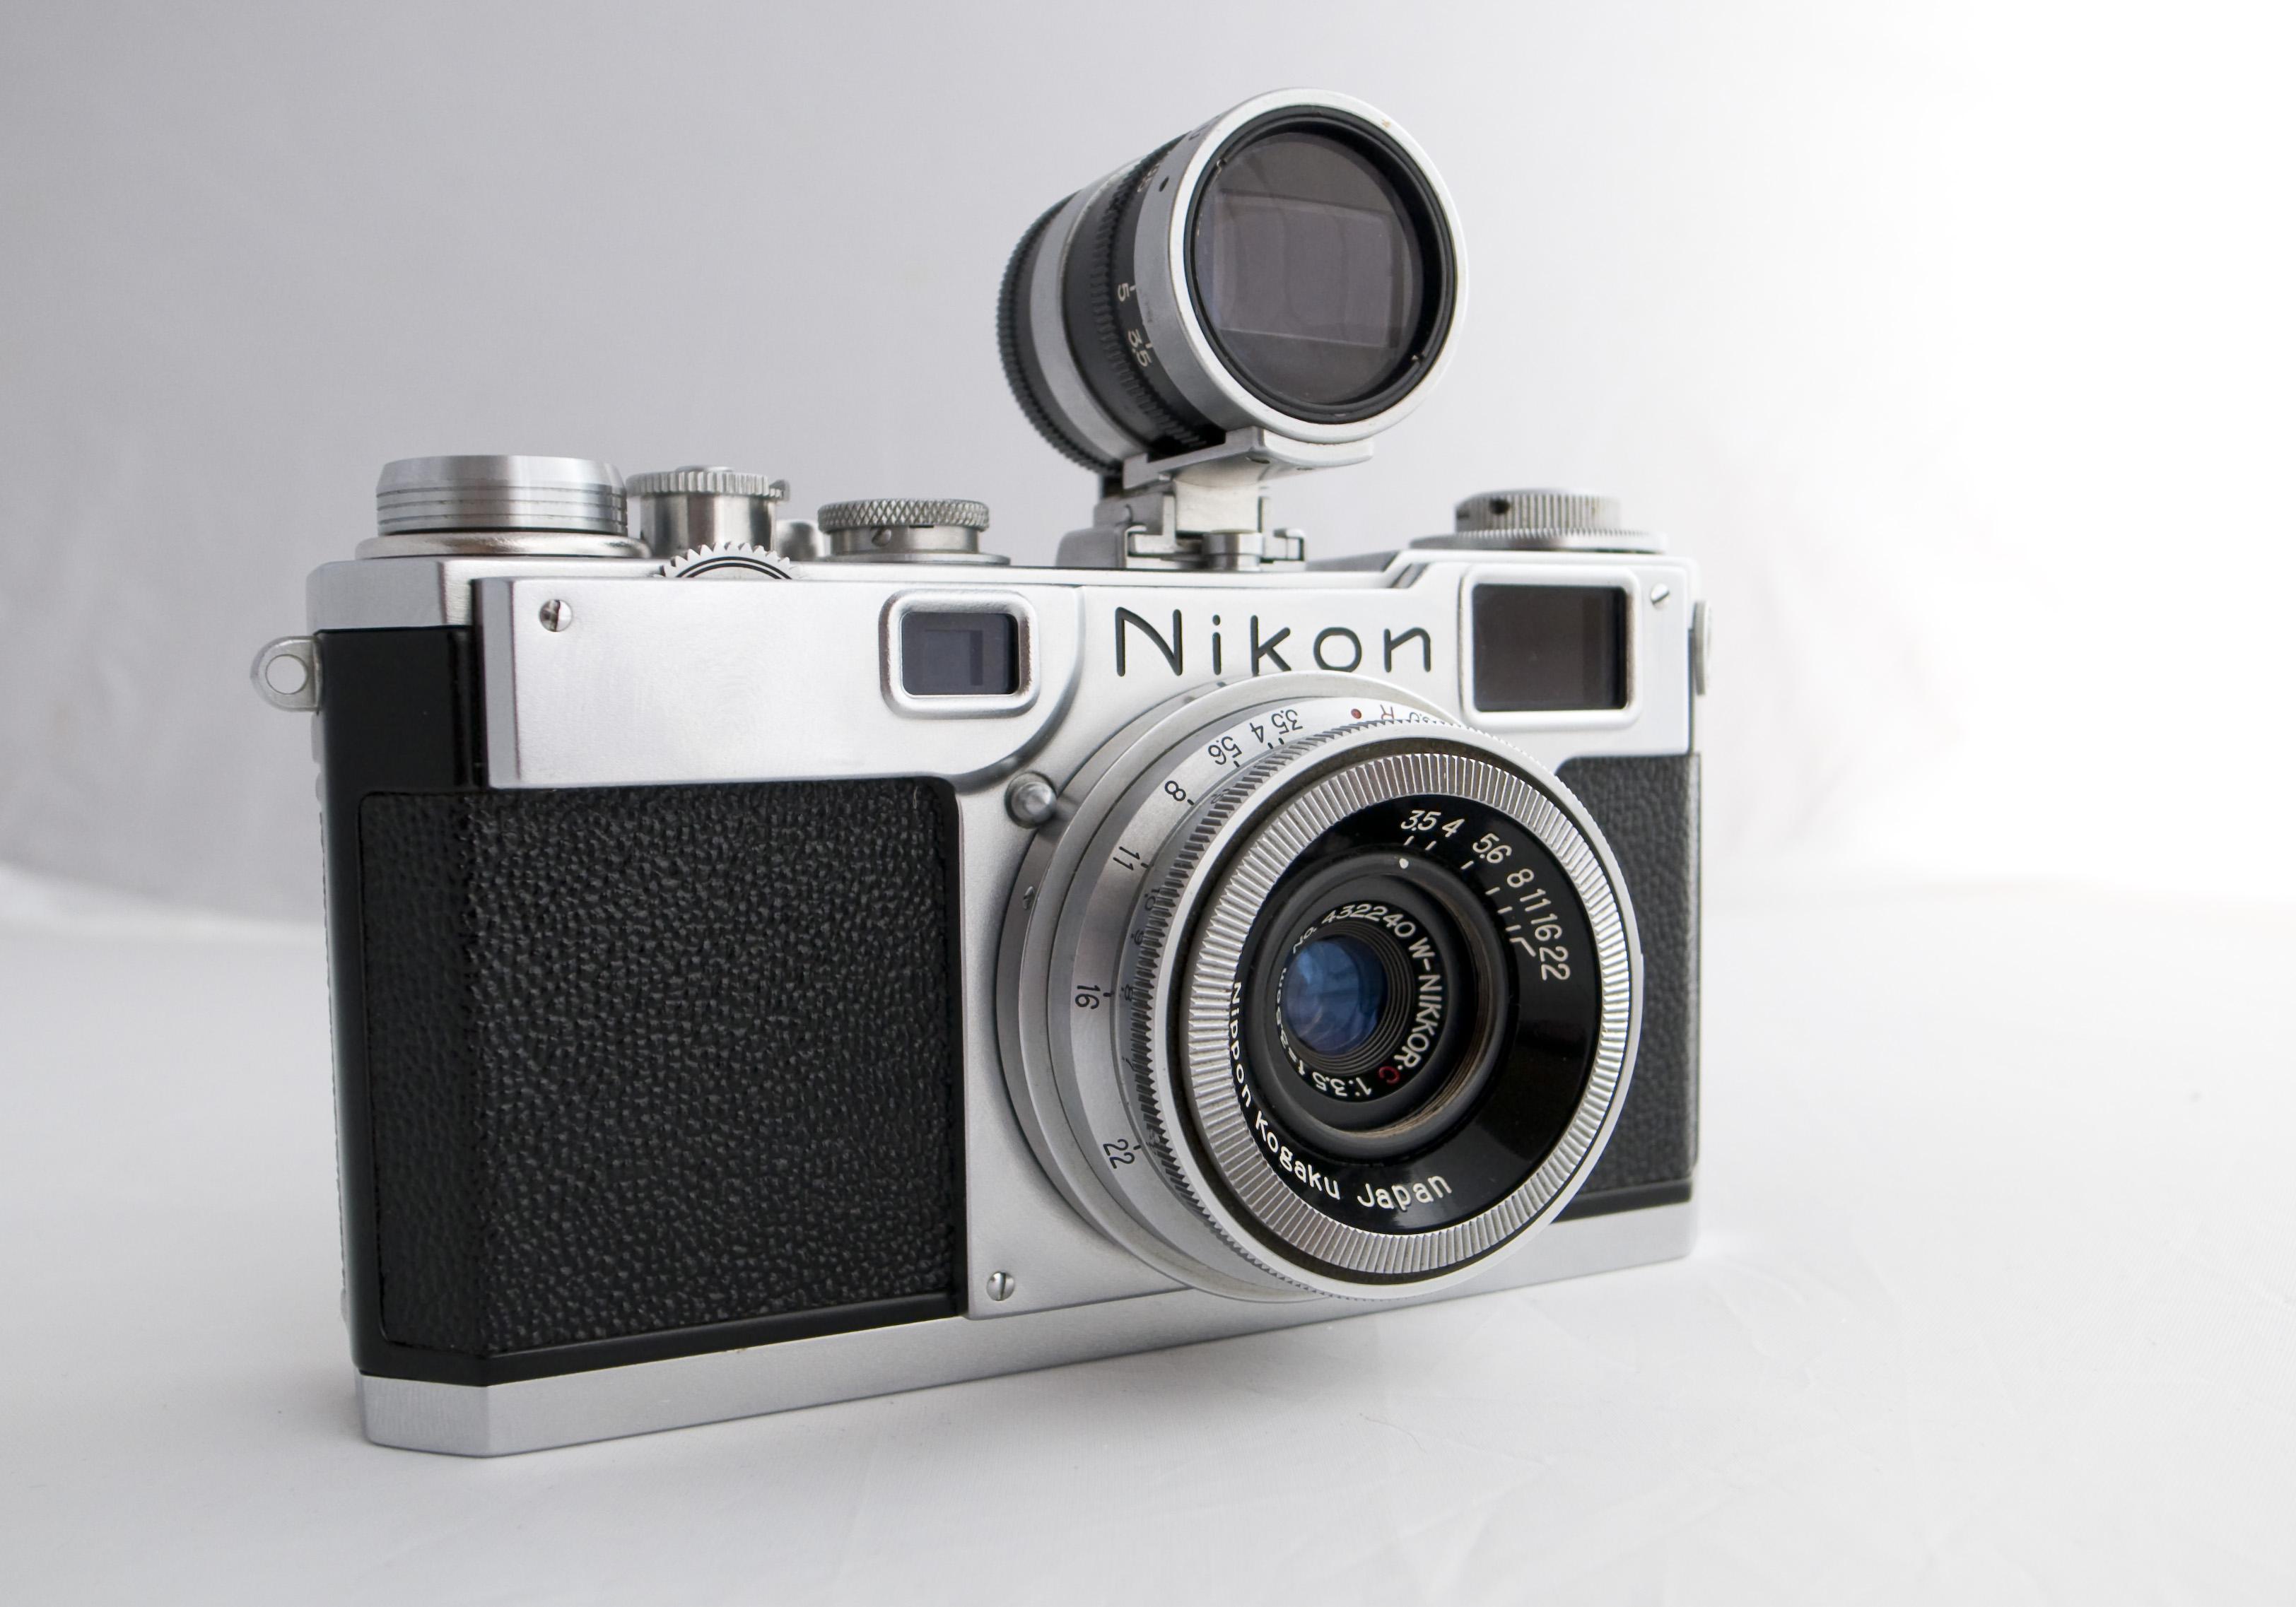 The Nikon S2